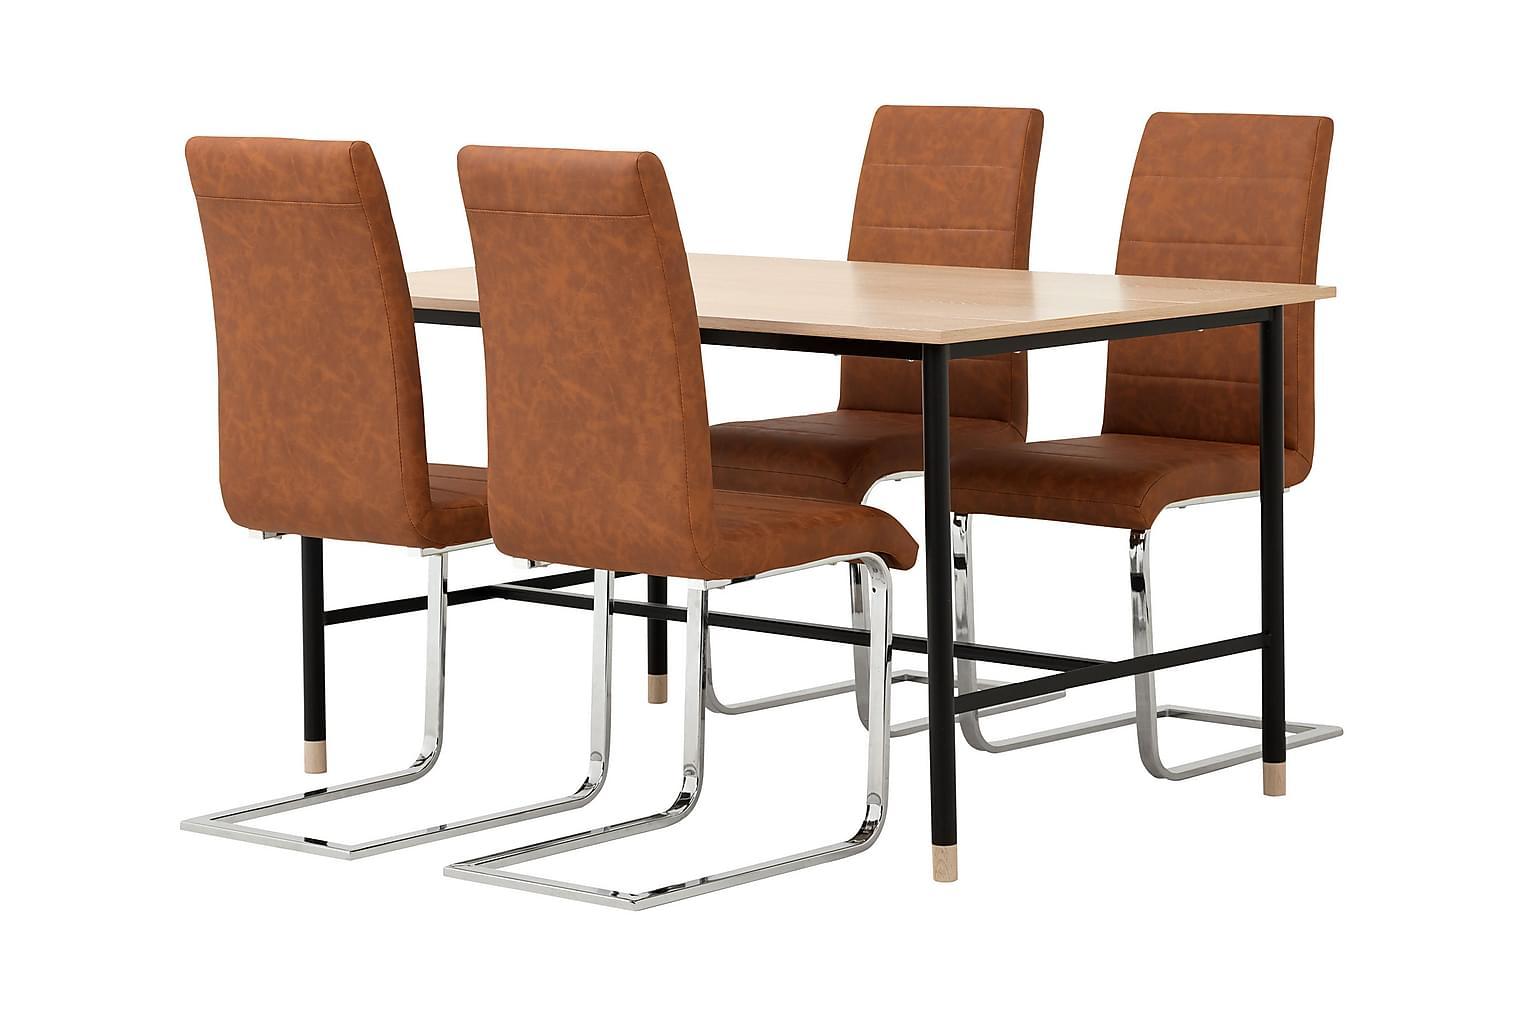 BRANDY Pöytä 138 Tammi/Musta + 4 EMÅN Tuolia Antiikinruskea